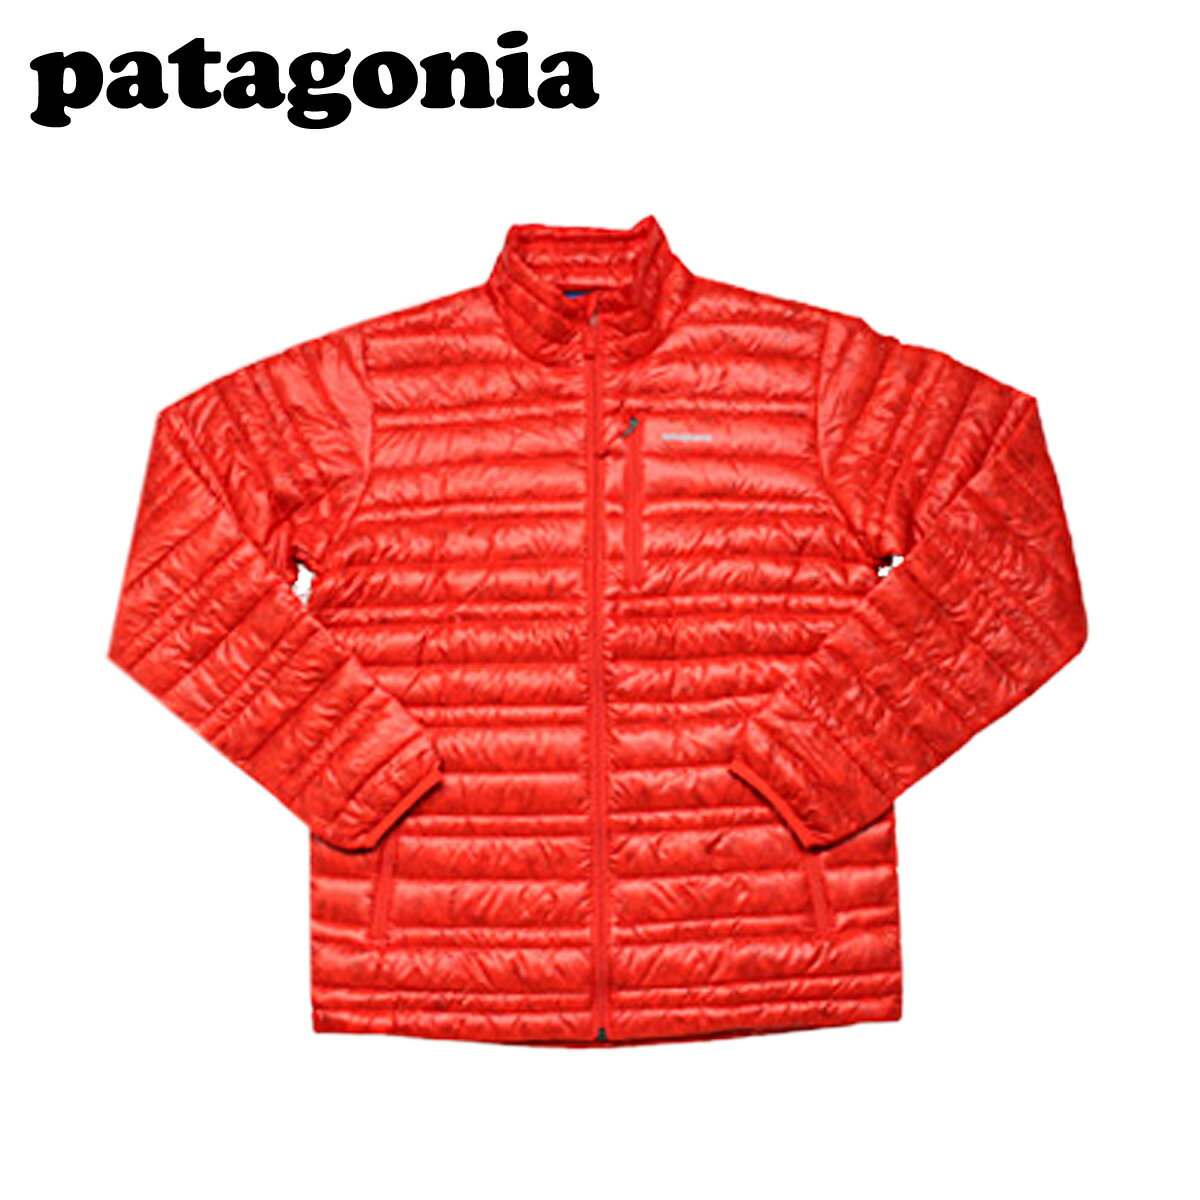 ポイント2倍 送料無料 パタゴニア patagonia ウルトラダウンジャケット [ レッド ] 84755 スリムフィット Patagonia Men's Ultralight Down Jacket ナイロン メンズ [ 正規 あす楽 ]【ホワイトデー】【MFS0301】02P01Mar15